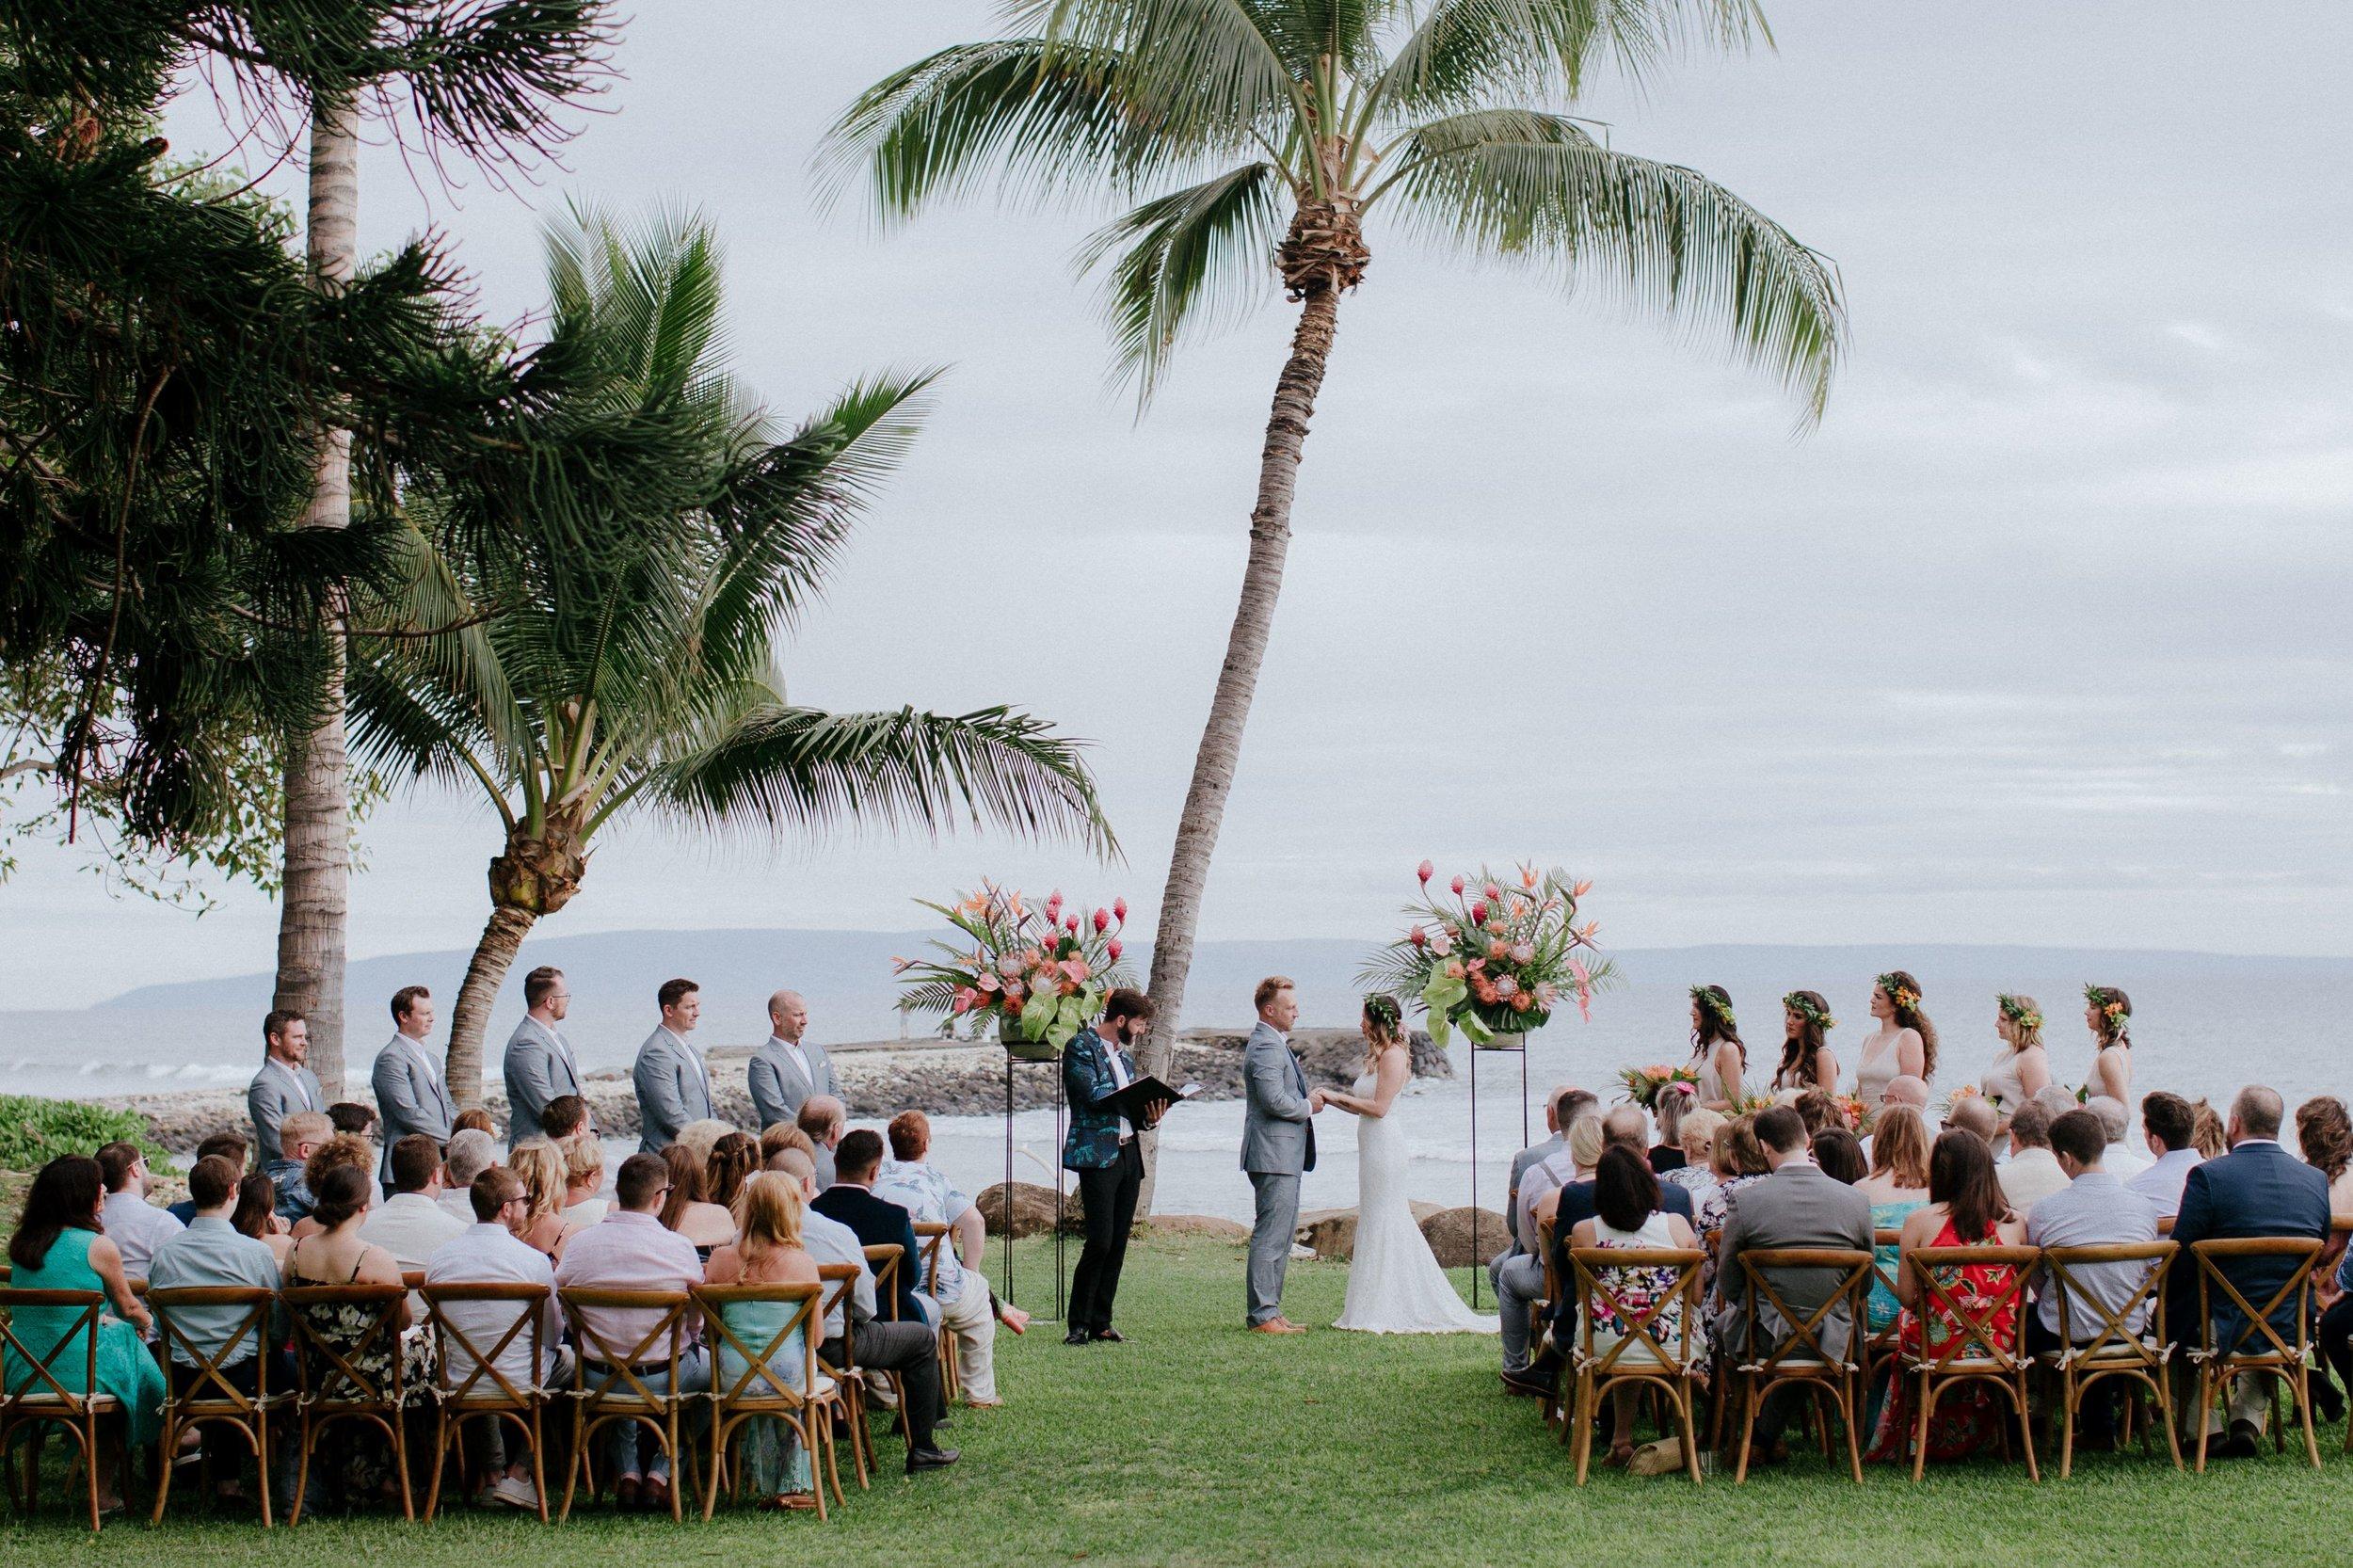 Chris-J-Evans-maui-wedding-JA1879.jpg